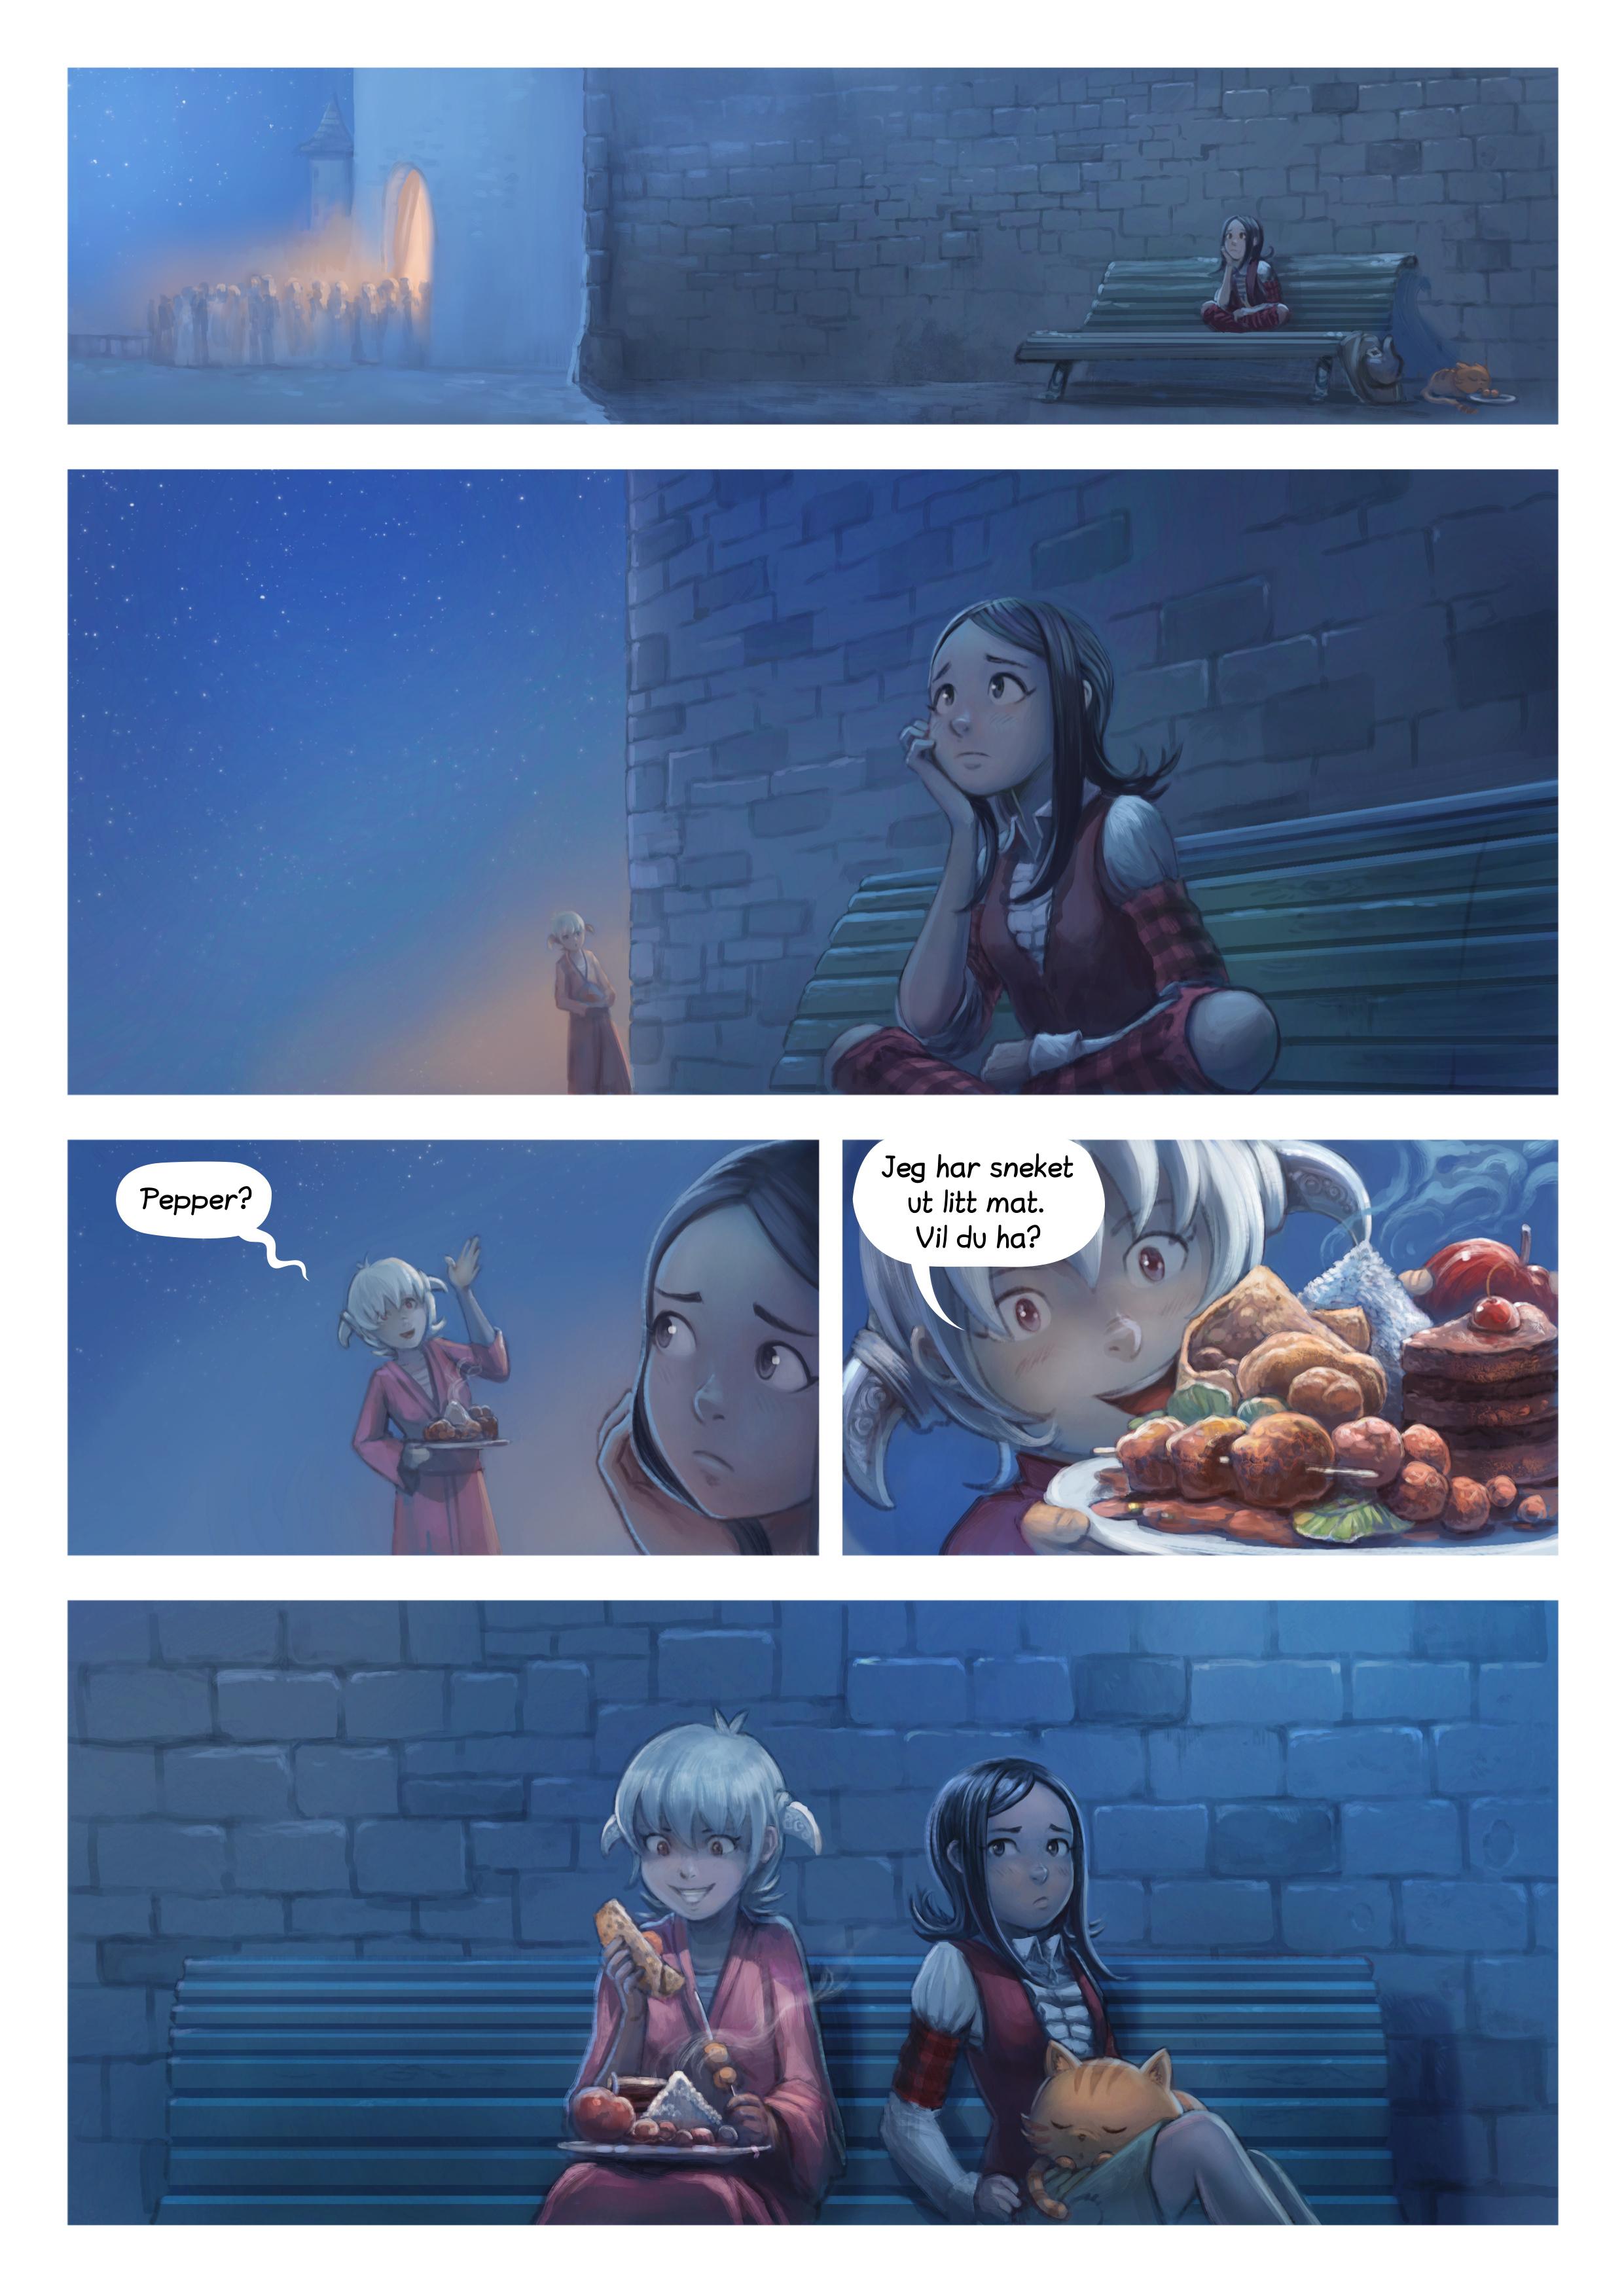 Episode 28: Festlighetene, Page 6